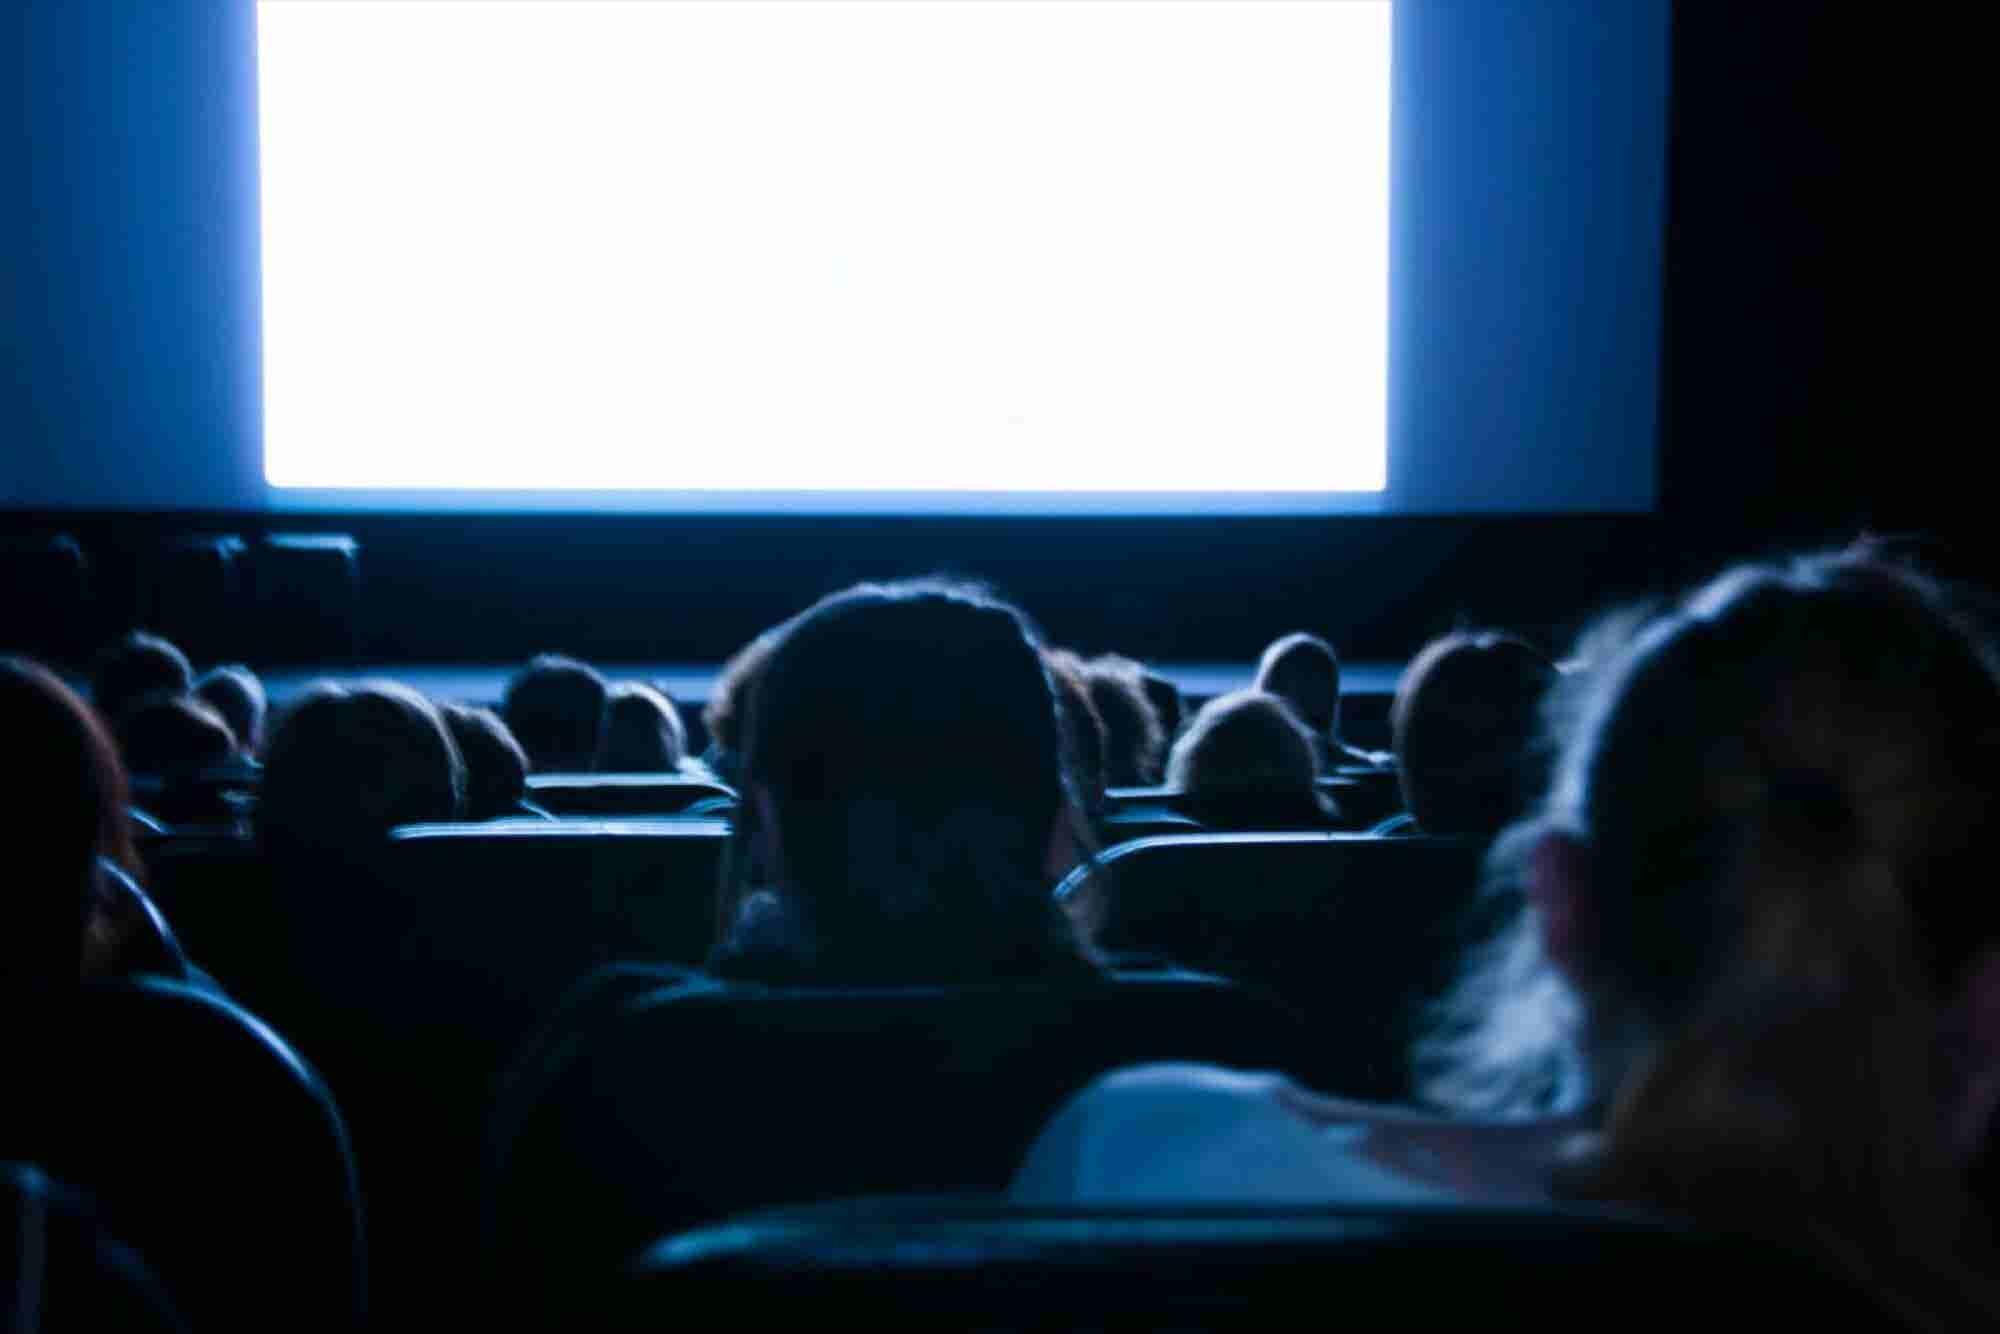 Esta cadena de cines mexicana quiere ingresar a Arabia Saudita